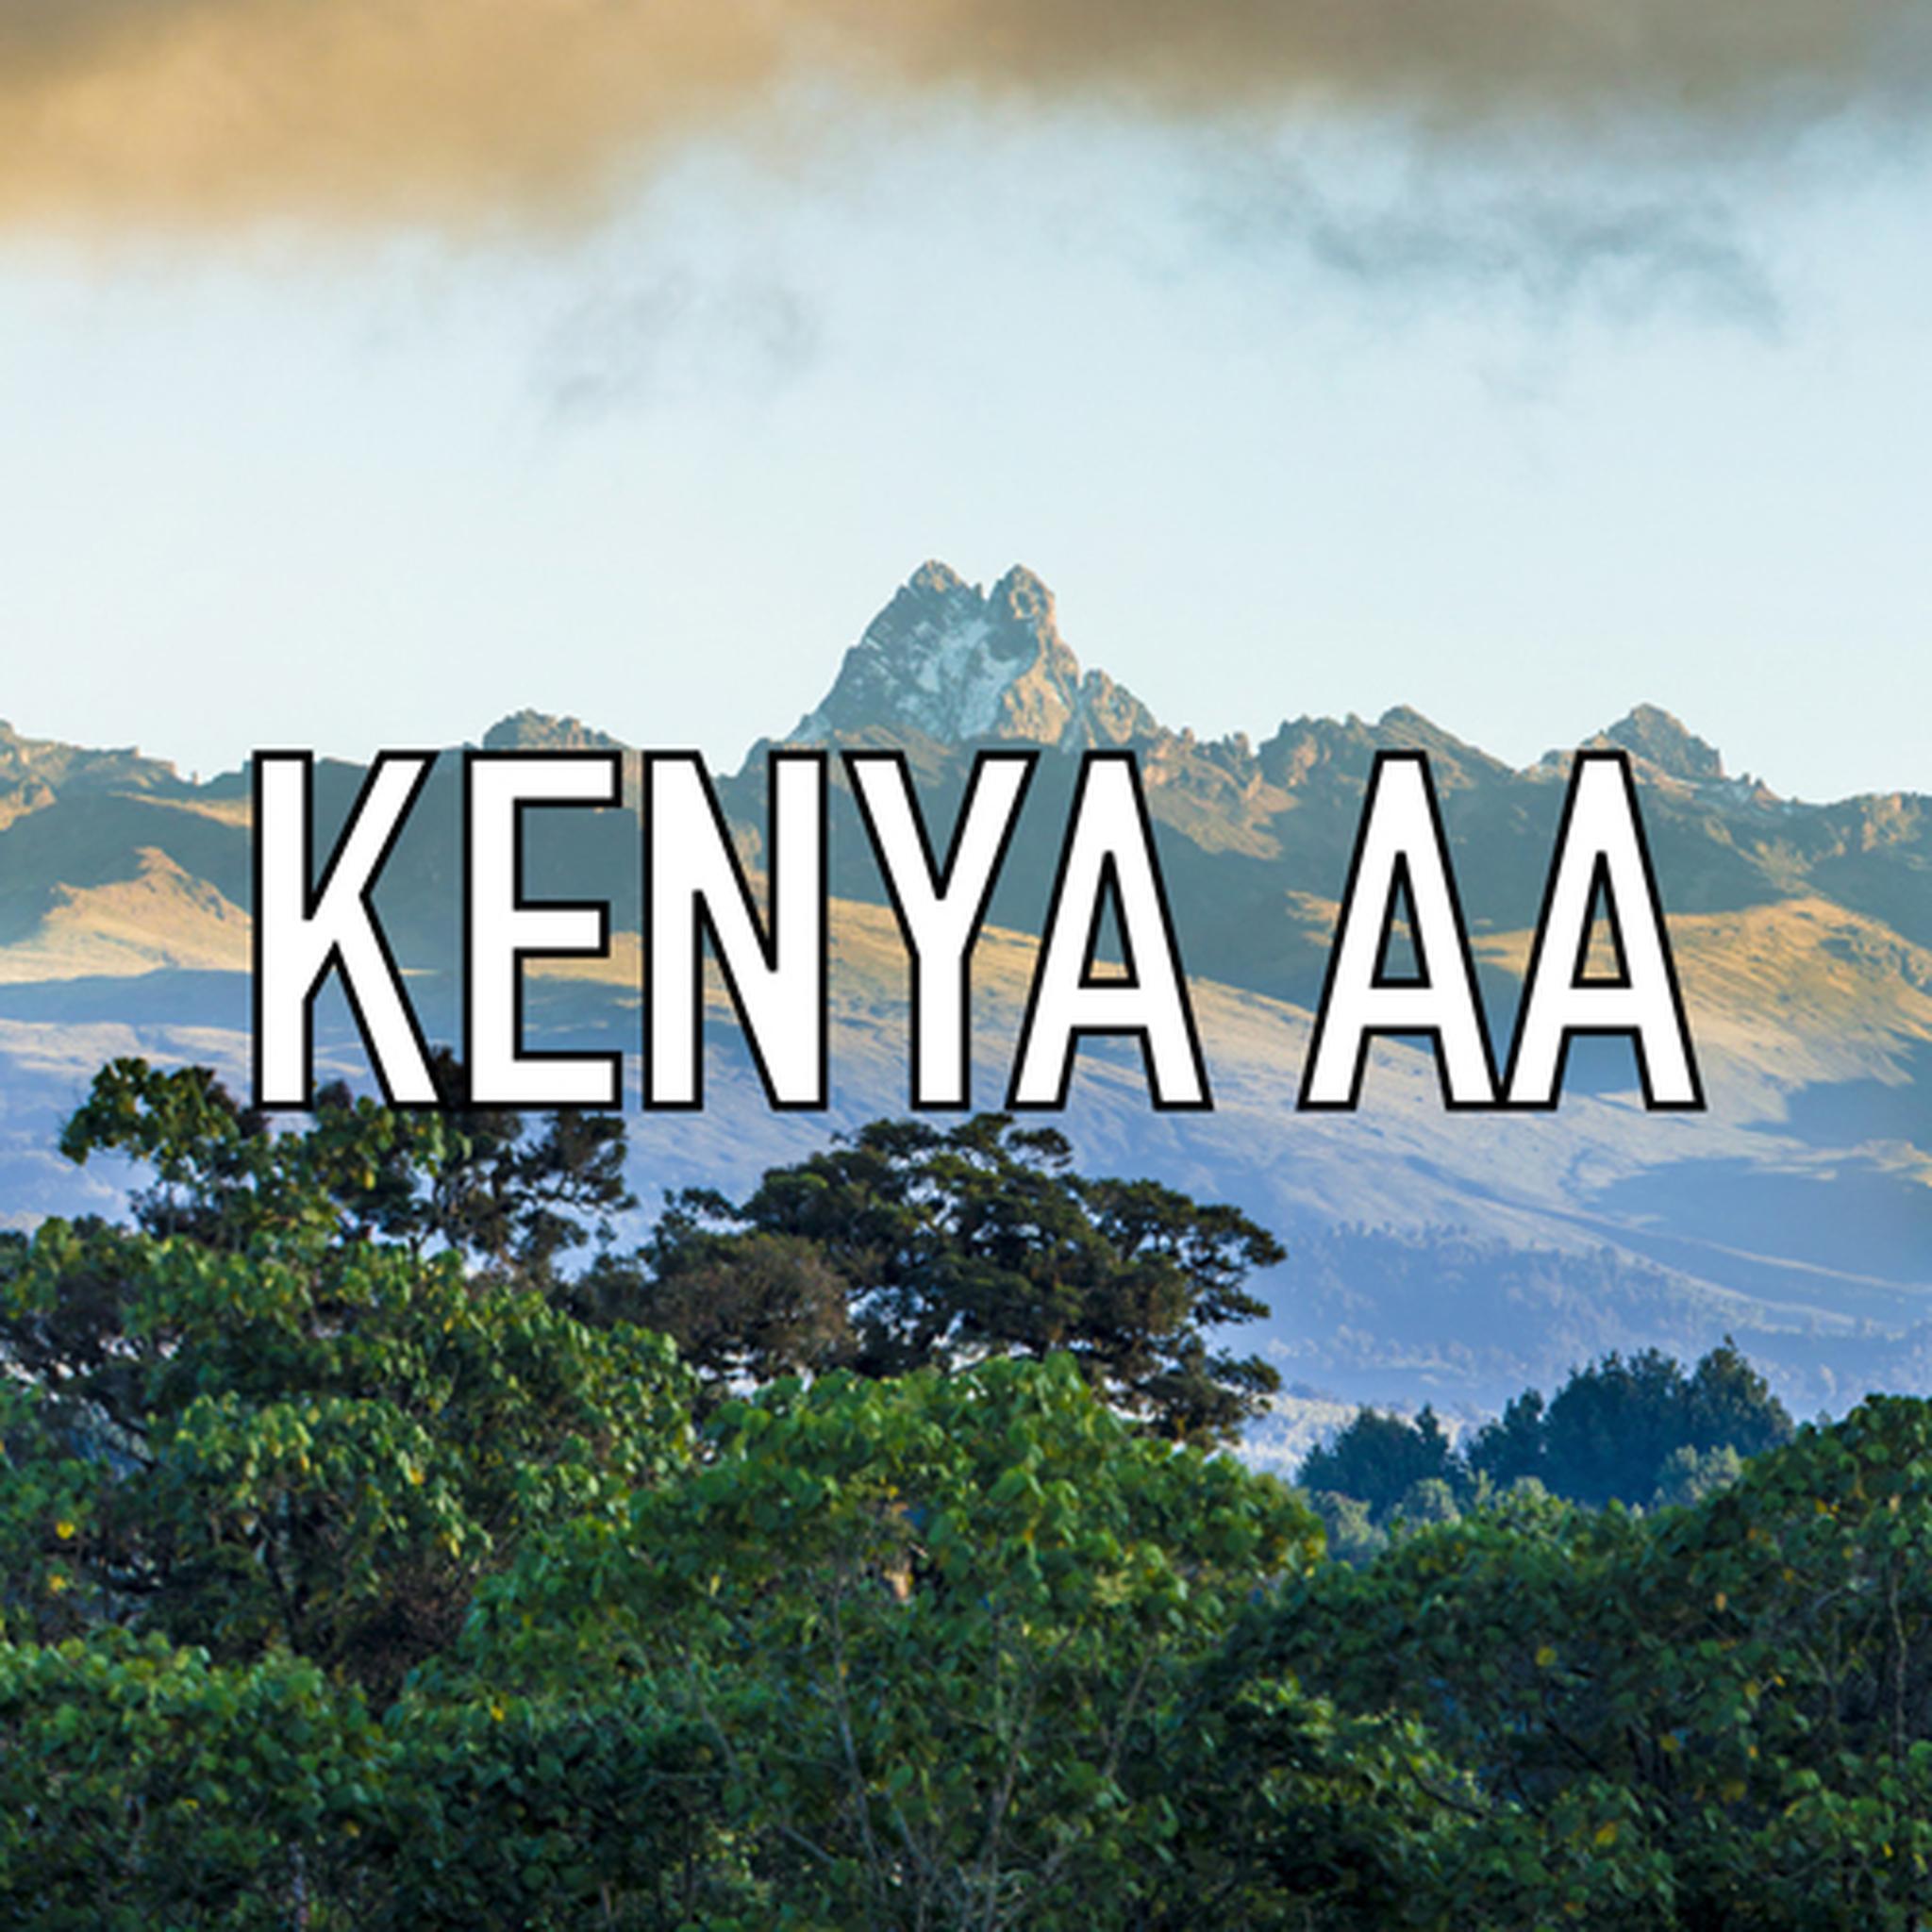 Kenya AA Coffee 16 oz.